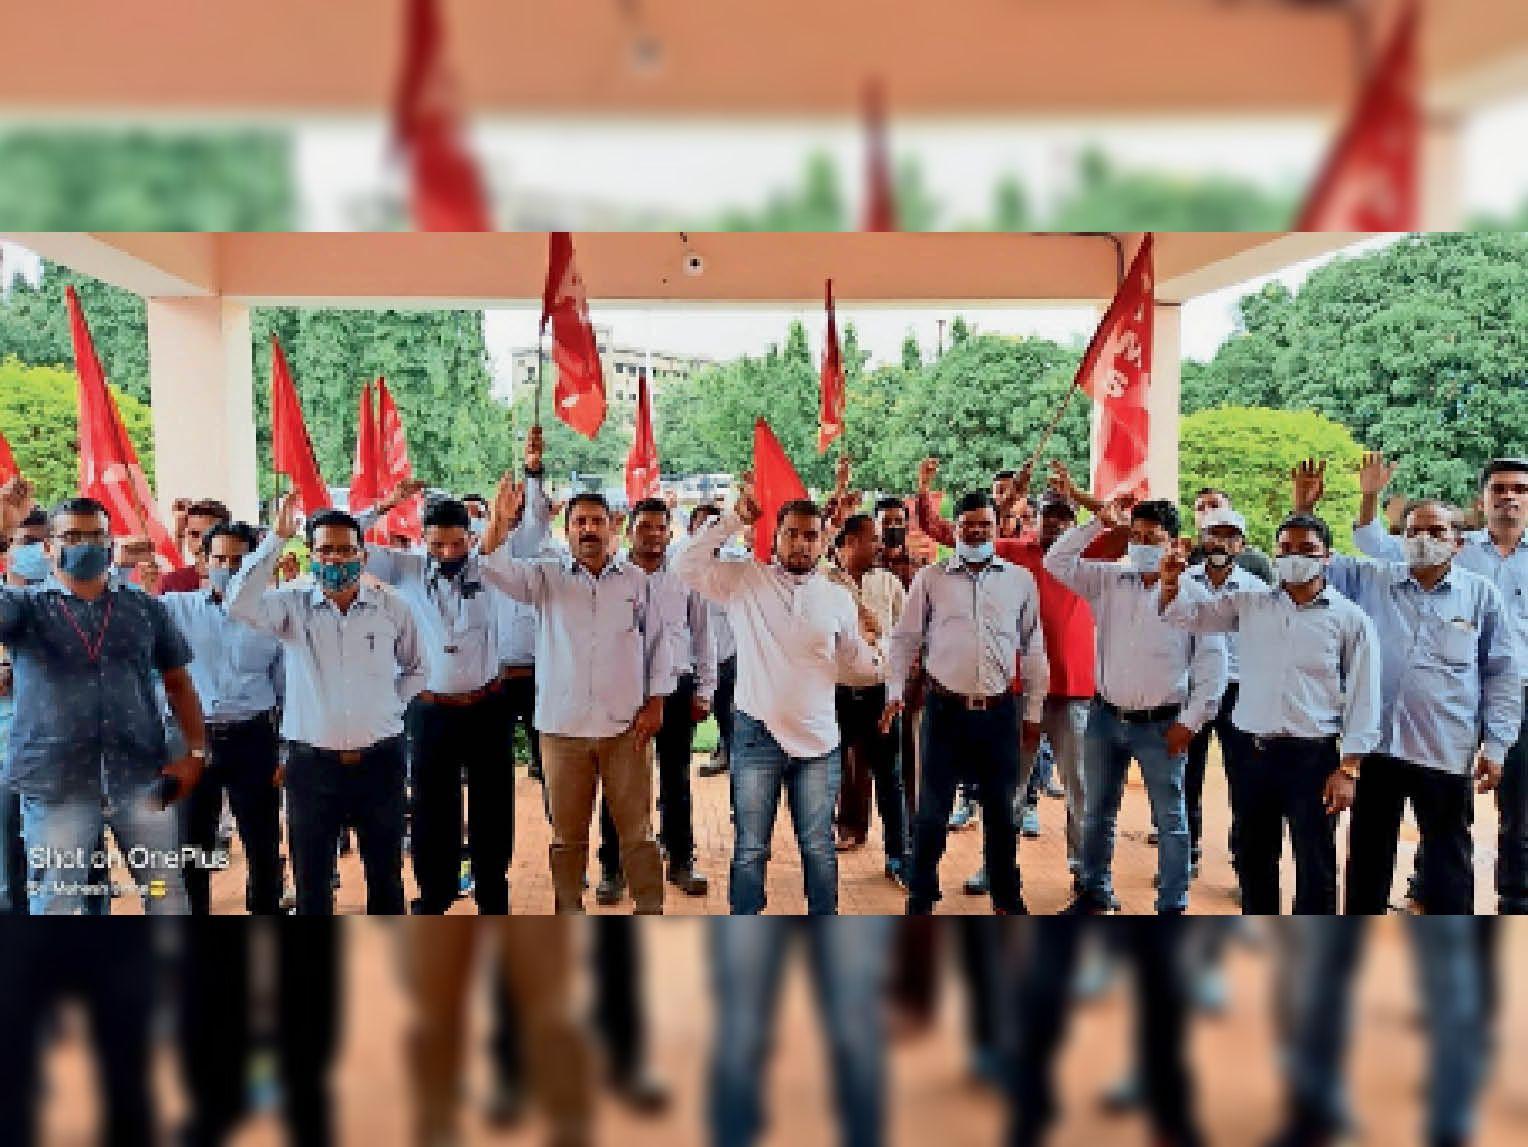 हड़ताल का ज्ञापन सौंपने मुख्यालय पहुंचे मजदूरों ने की नारेबाजी। - Dainik Bhaskar